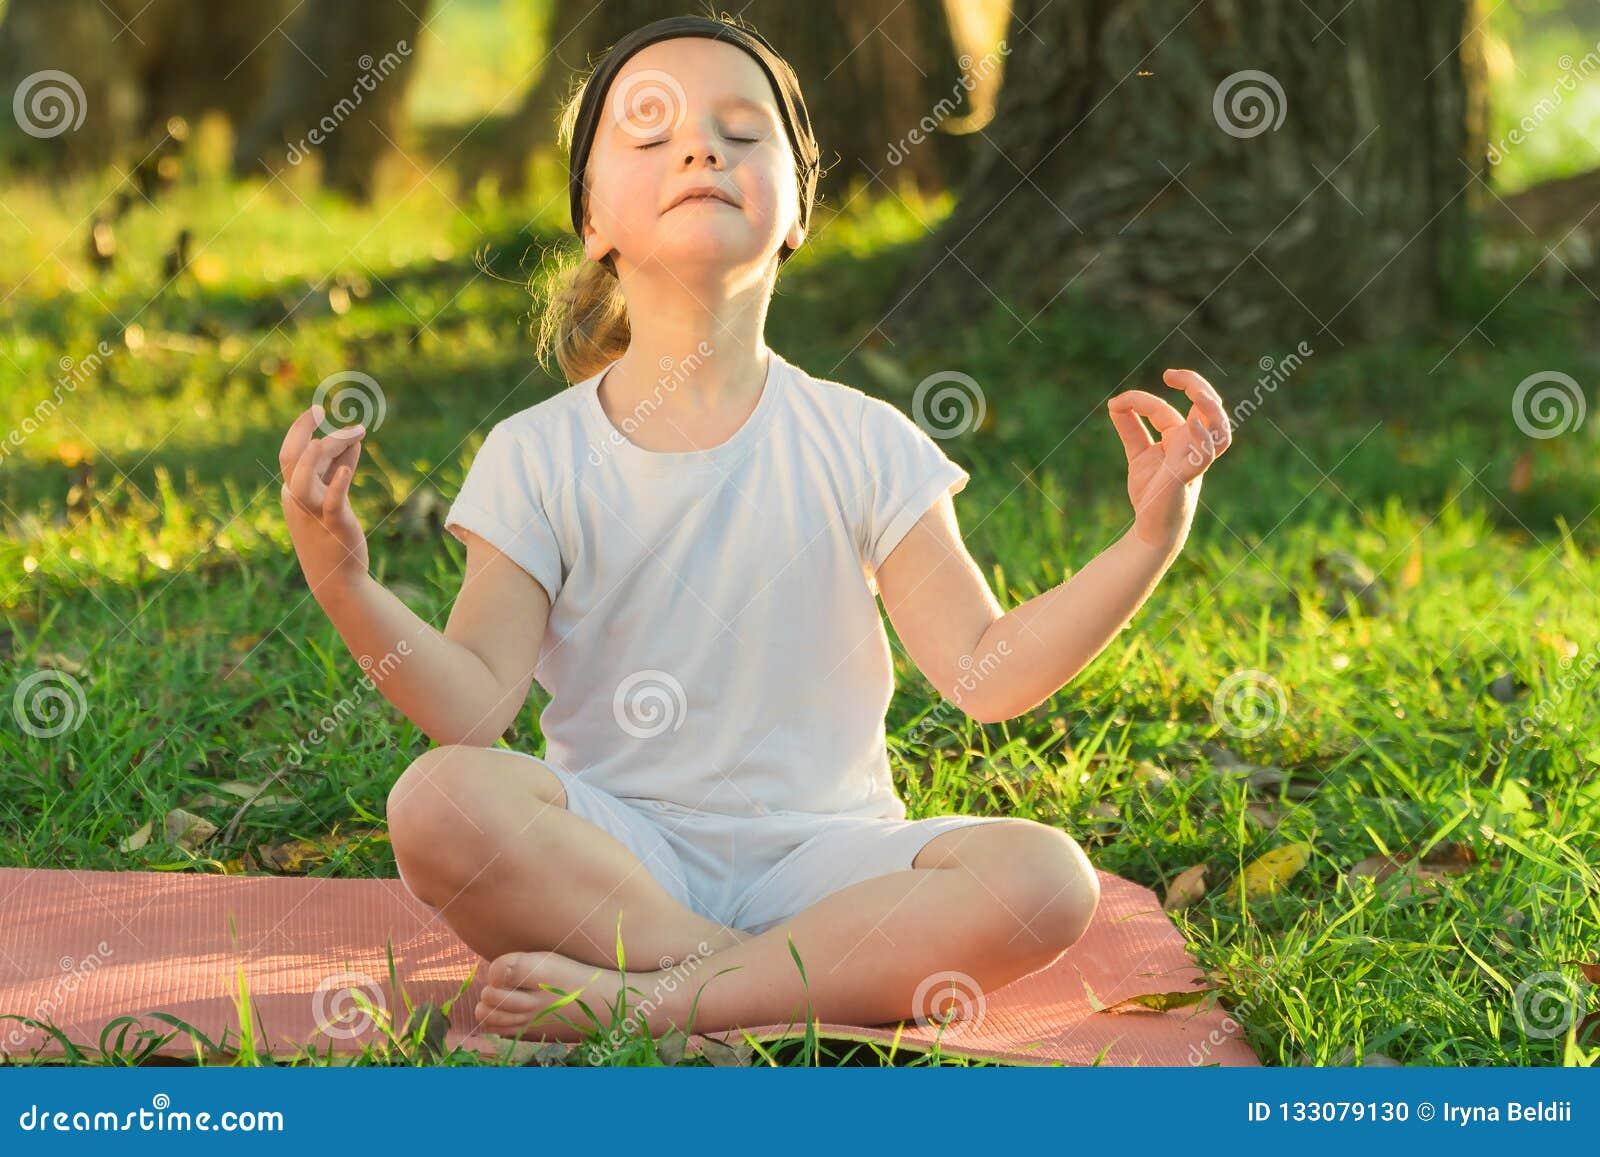 Pose de Lotus da ioga do bebê uma ioga praticando da criança fora